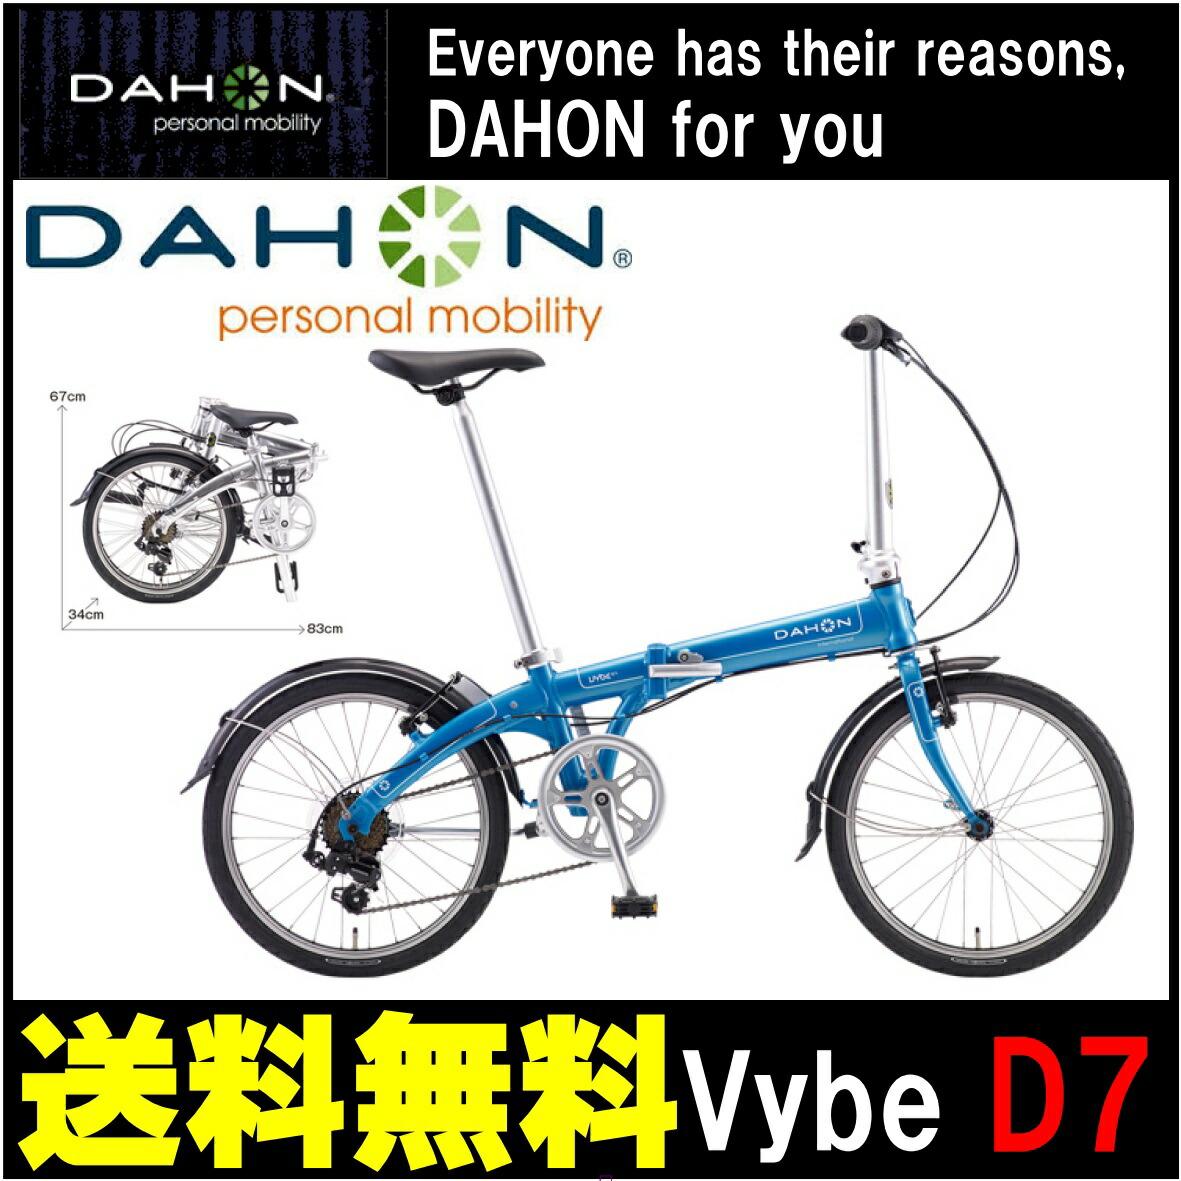 折りたたみ自転車 DAHON Vybe D7 ダホン 自転車 アクアブルー 水色 20インチ 折りたたみ自転車 外装7段変速ギア Aqua Blue ダホン 折りたたみ自転車 DAHON ヴァイブ D7